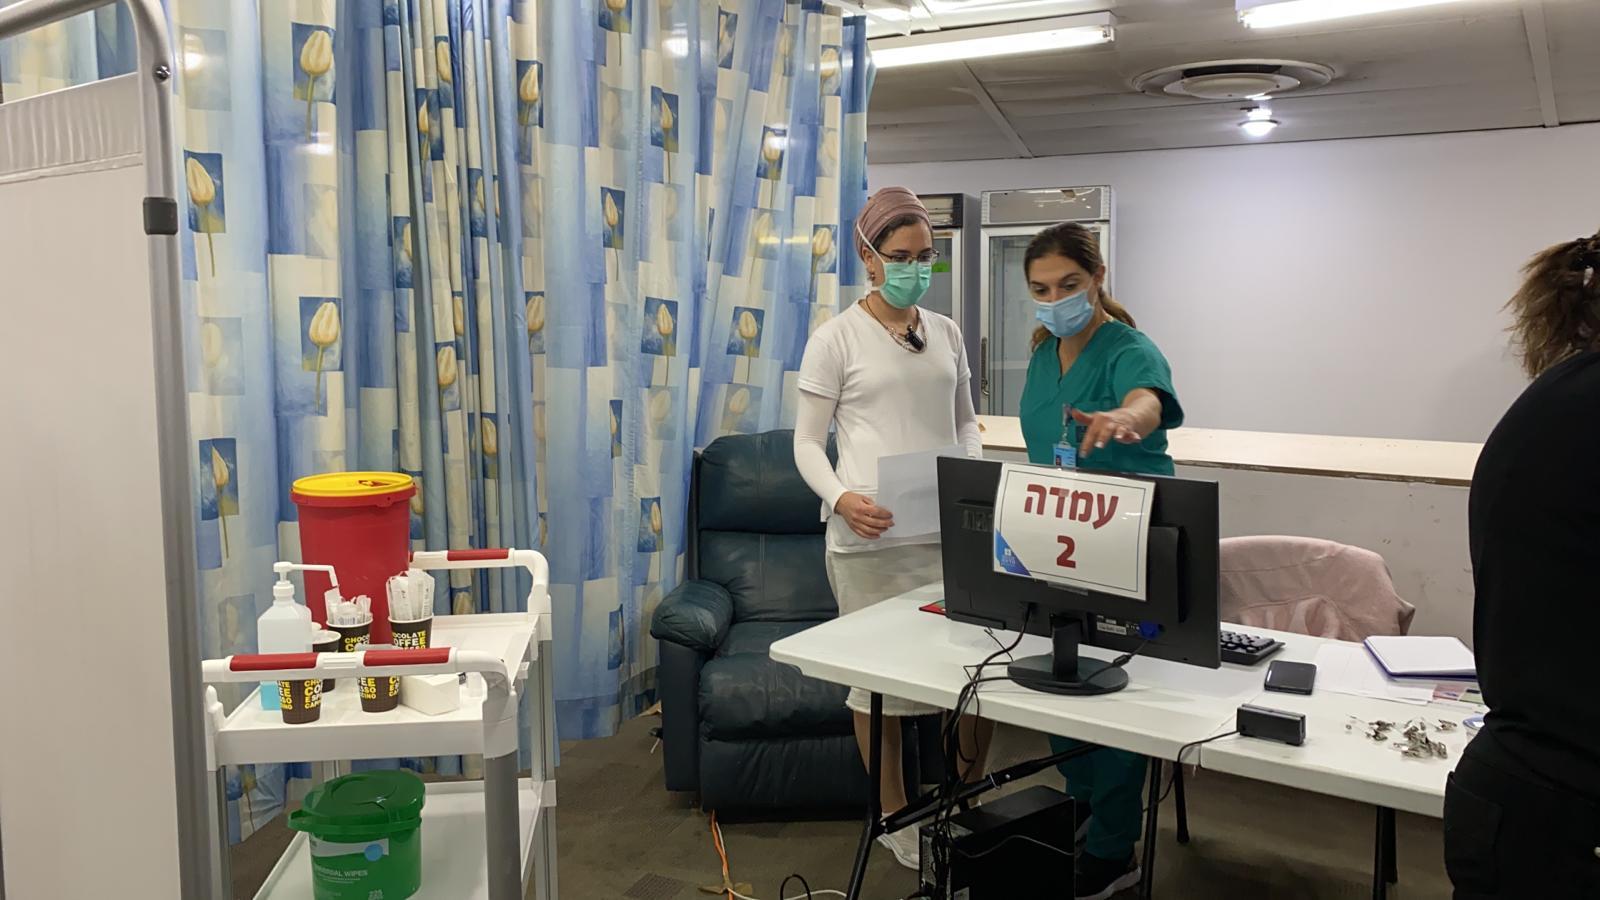 עמדה לקבלת חיסון קורונה (צילום: דוברות הדסה)